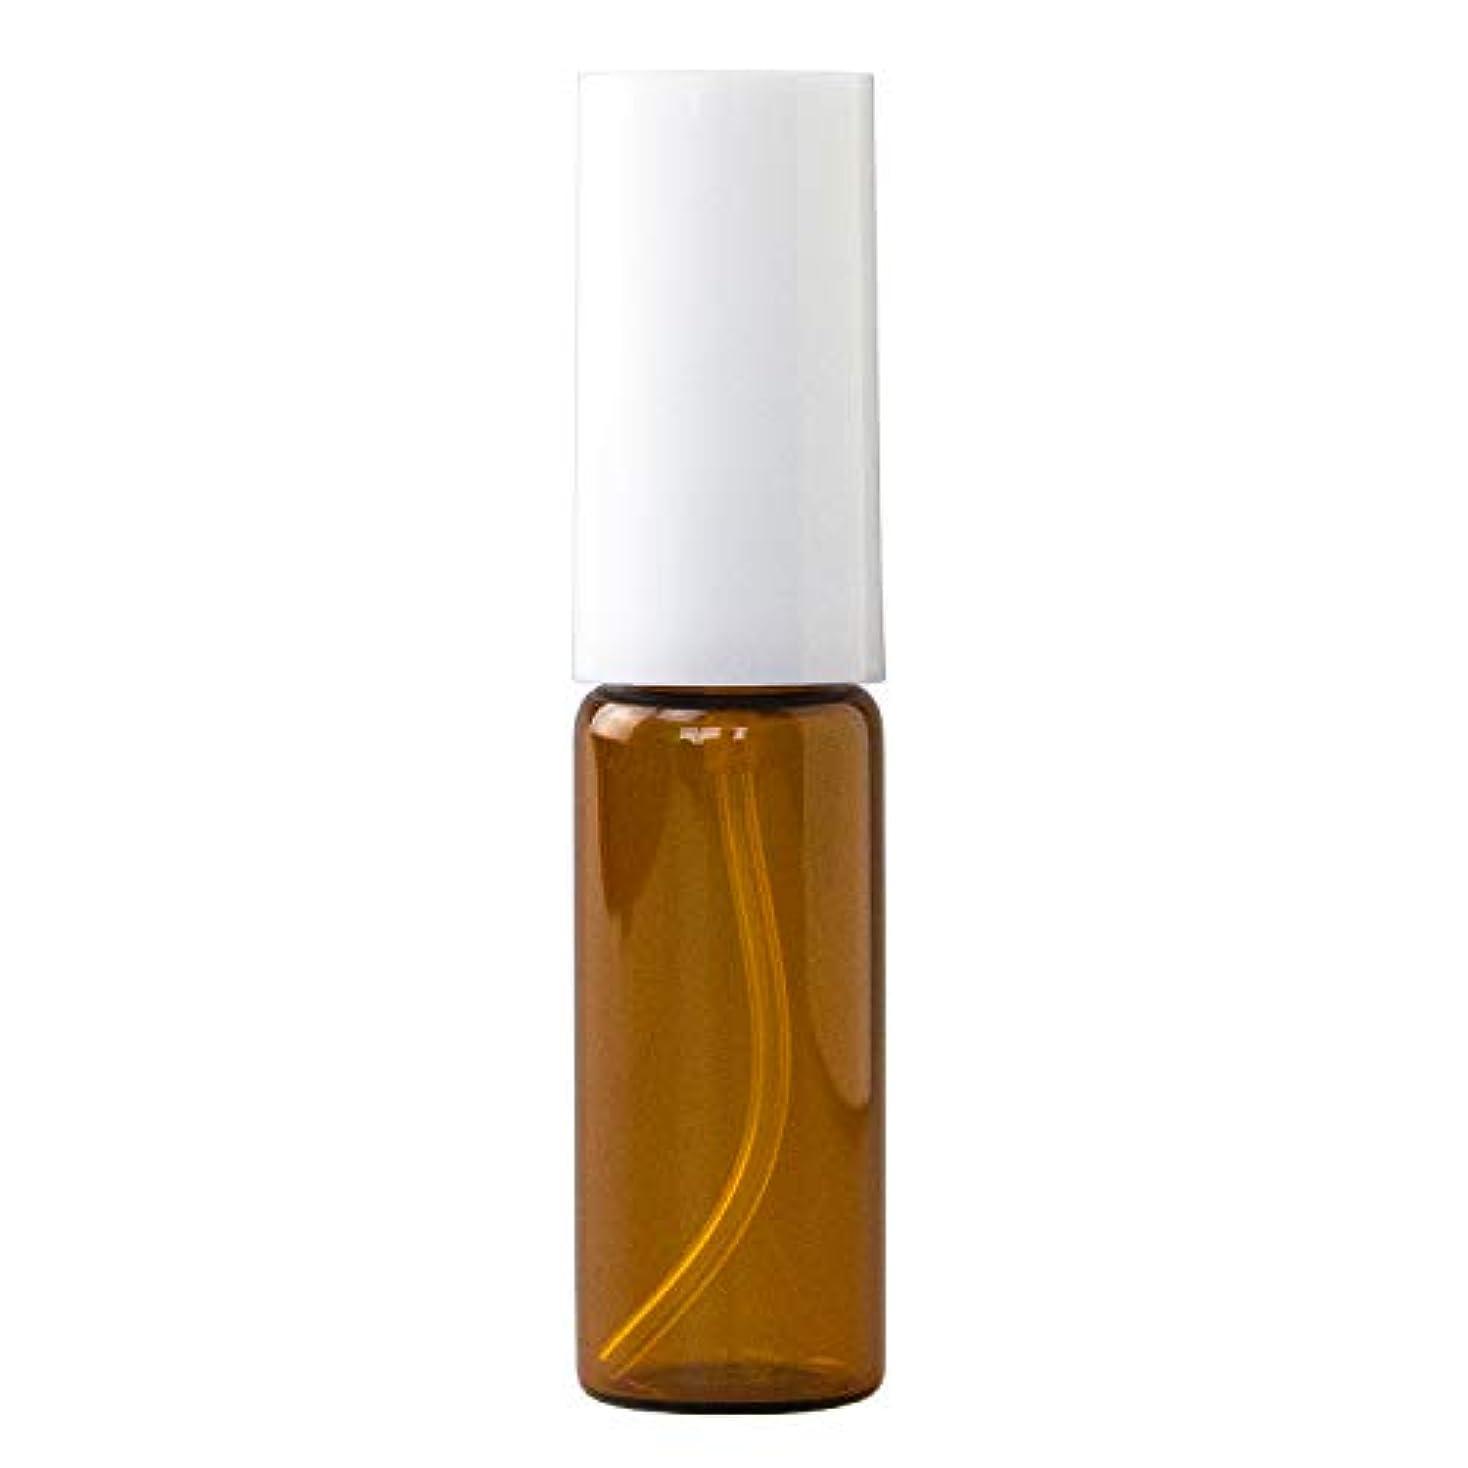 リフレッシュキラウエア山ワイド遮光スプレー容器 10ml (アトマイザー) 【化粧品容器】